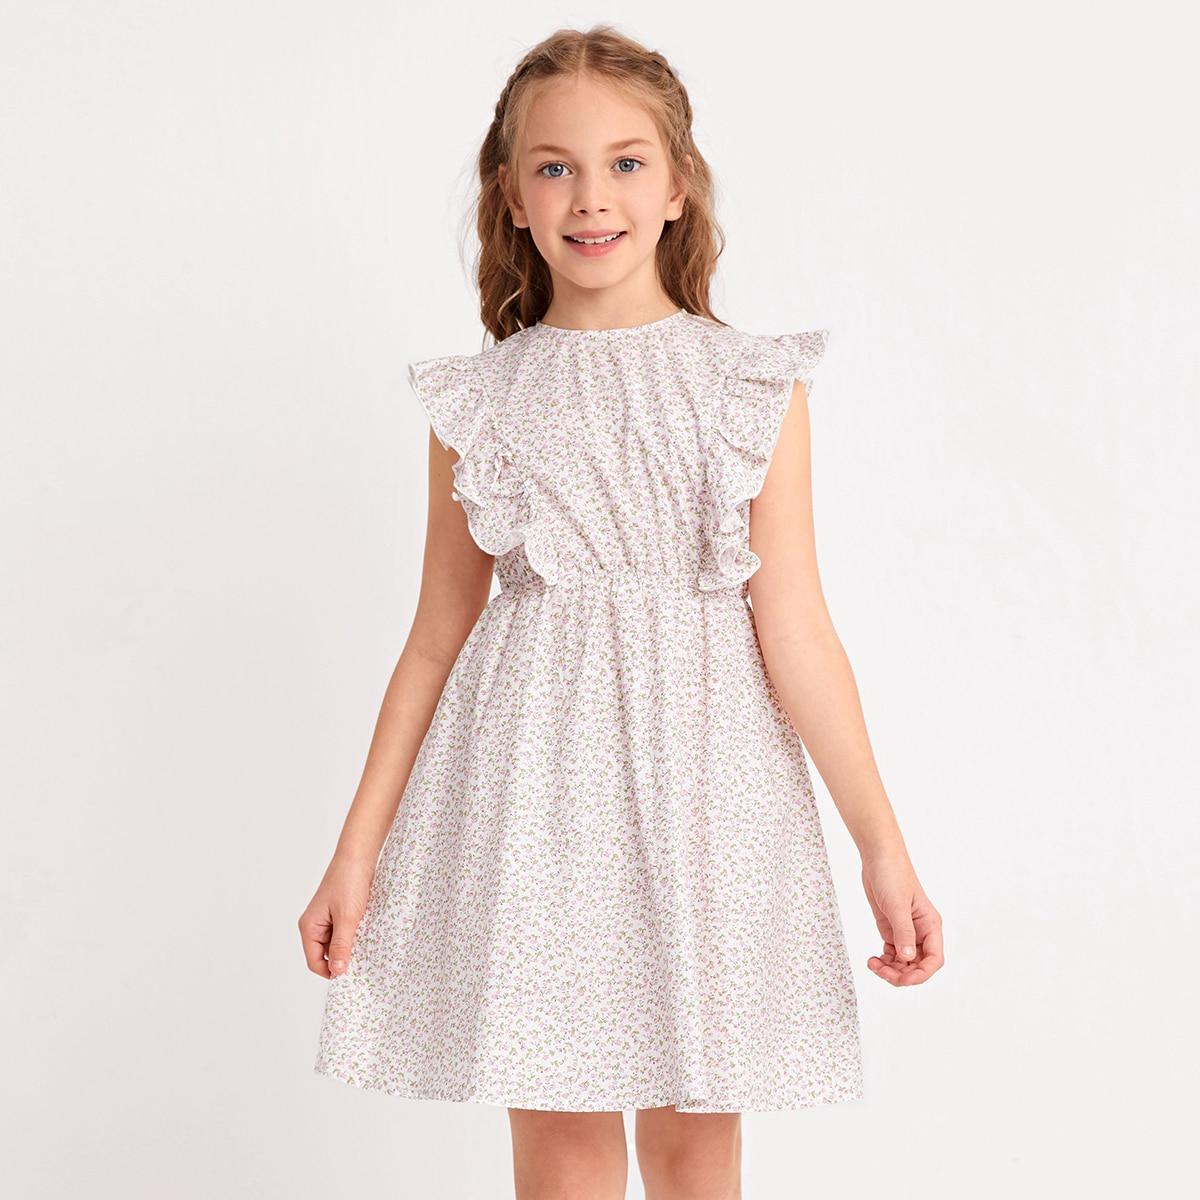 Kleid mit Rüschen, Armloch und Gänseblümchen Muster